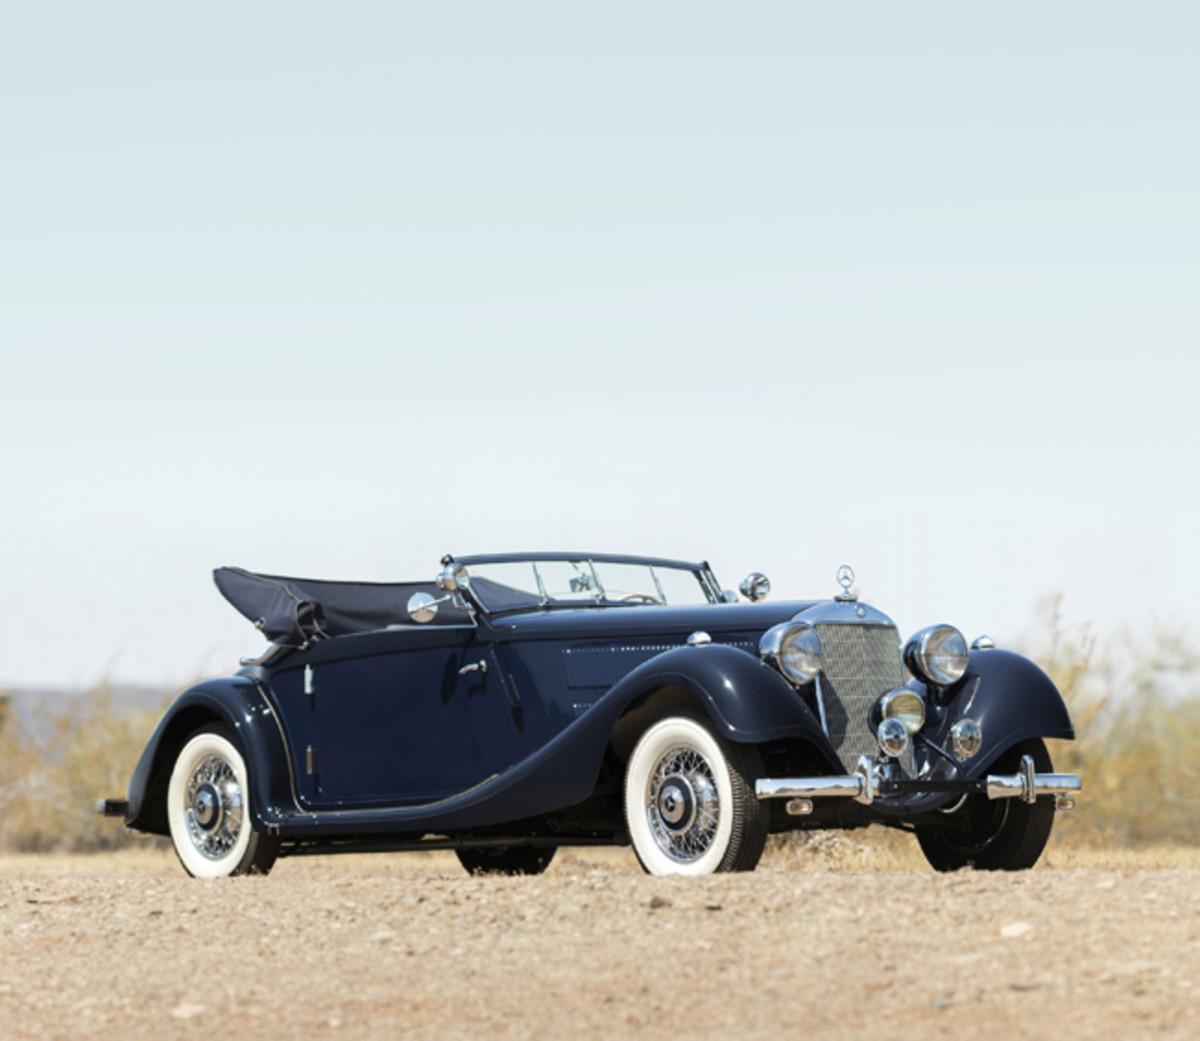 1938Mercedes-Benz 320 cabriolet A